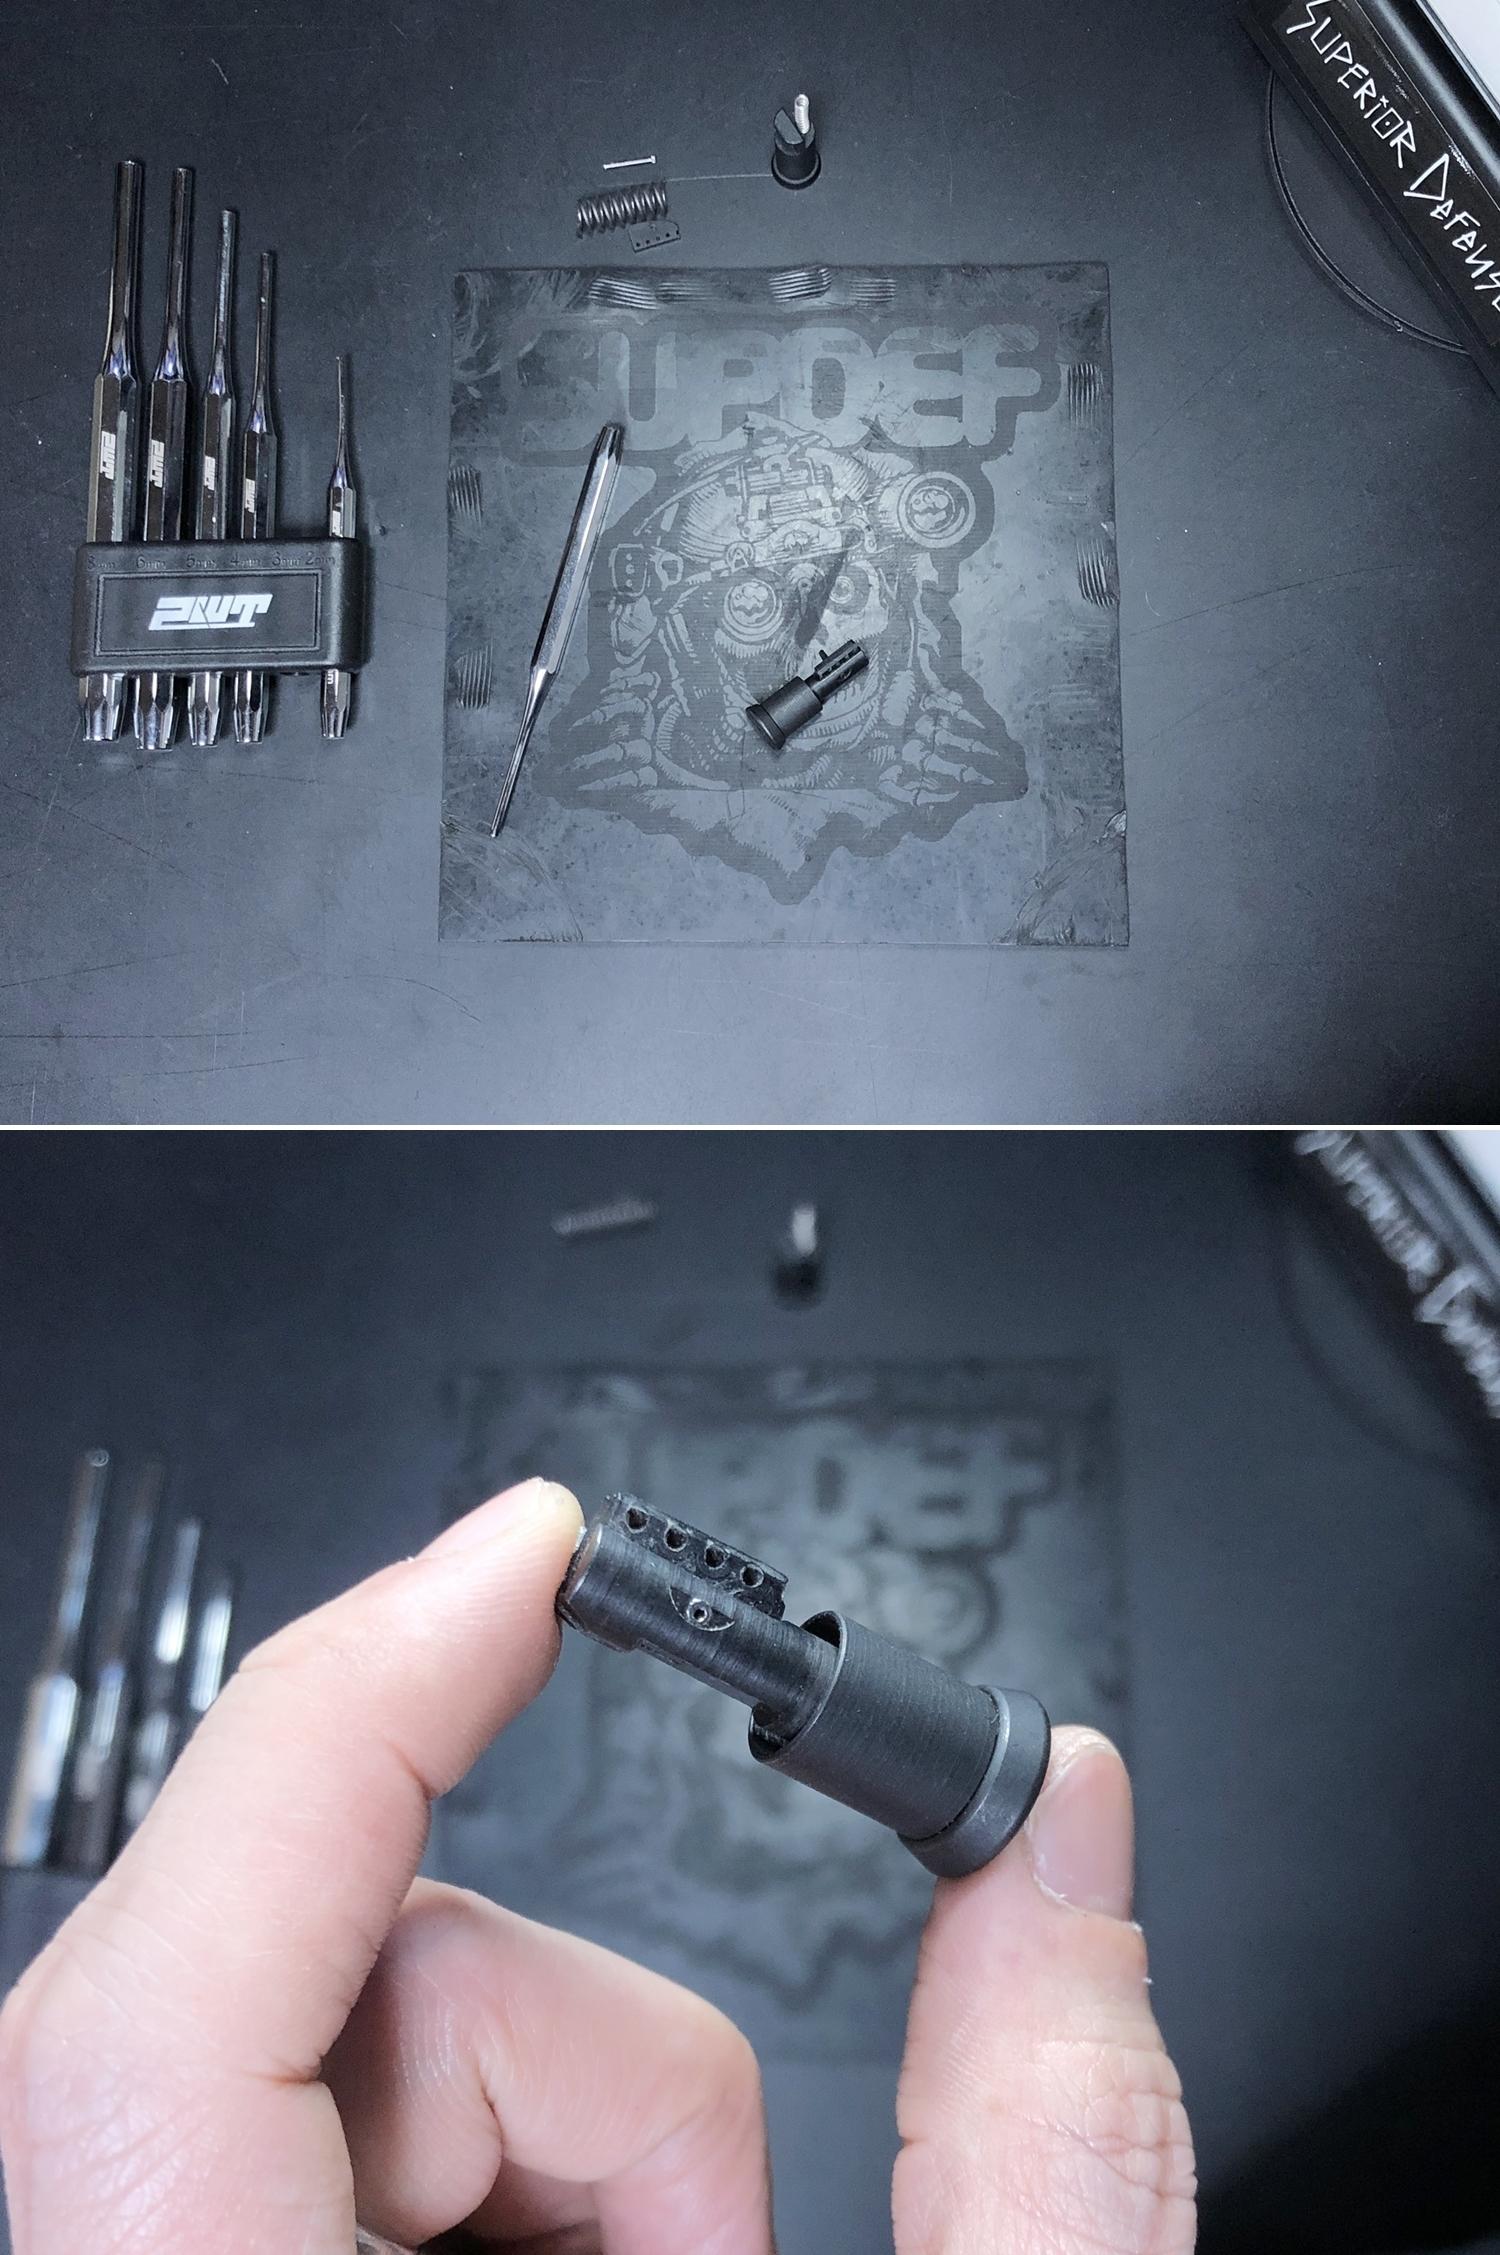 13 実物 NOVESKE MARKED FORWARD ASSIST KIT!! 次世代 AR-15 HILOG M4 N4 プチ DIY カスタム編!! フォワードアシストノブ フォアードアシスト!! 3D DIY 購入 加工 取付 交換 レビュー!!